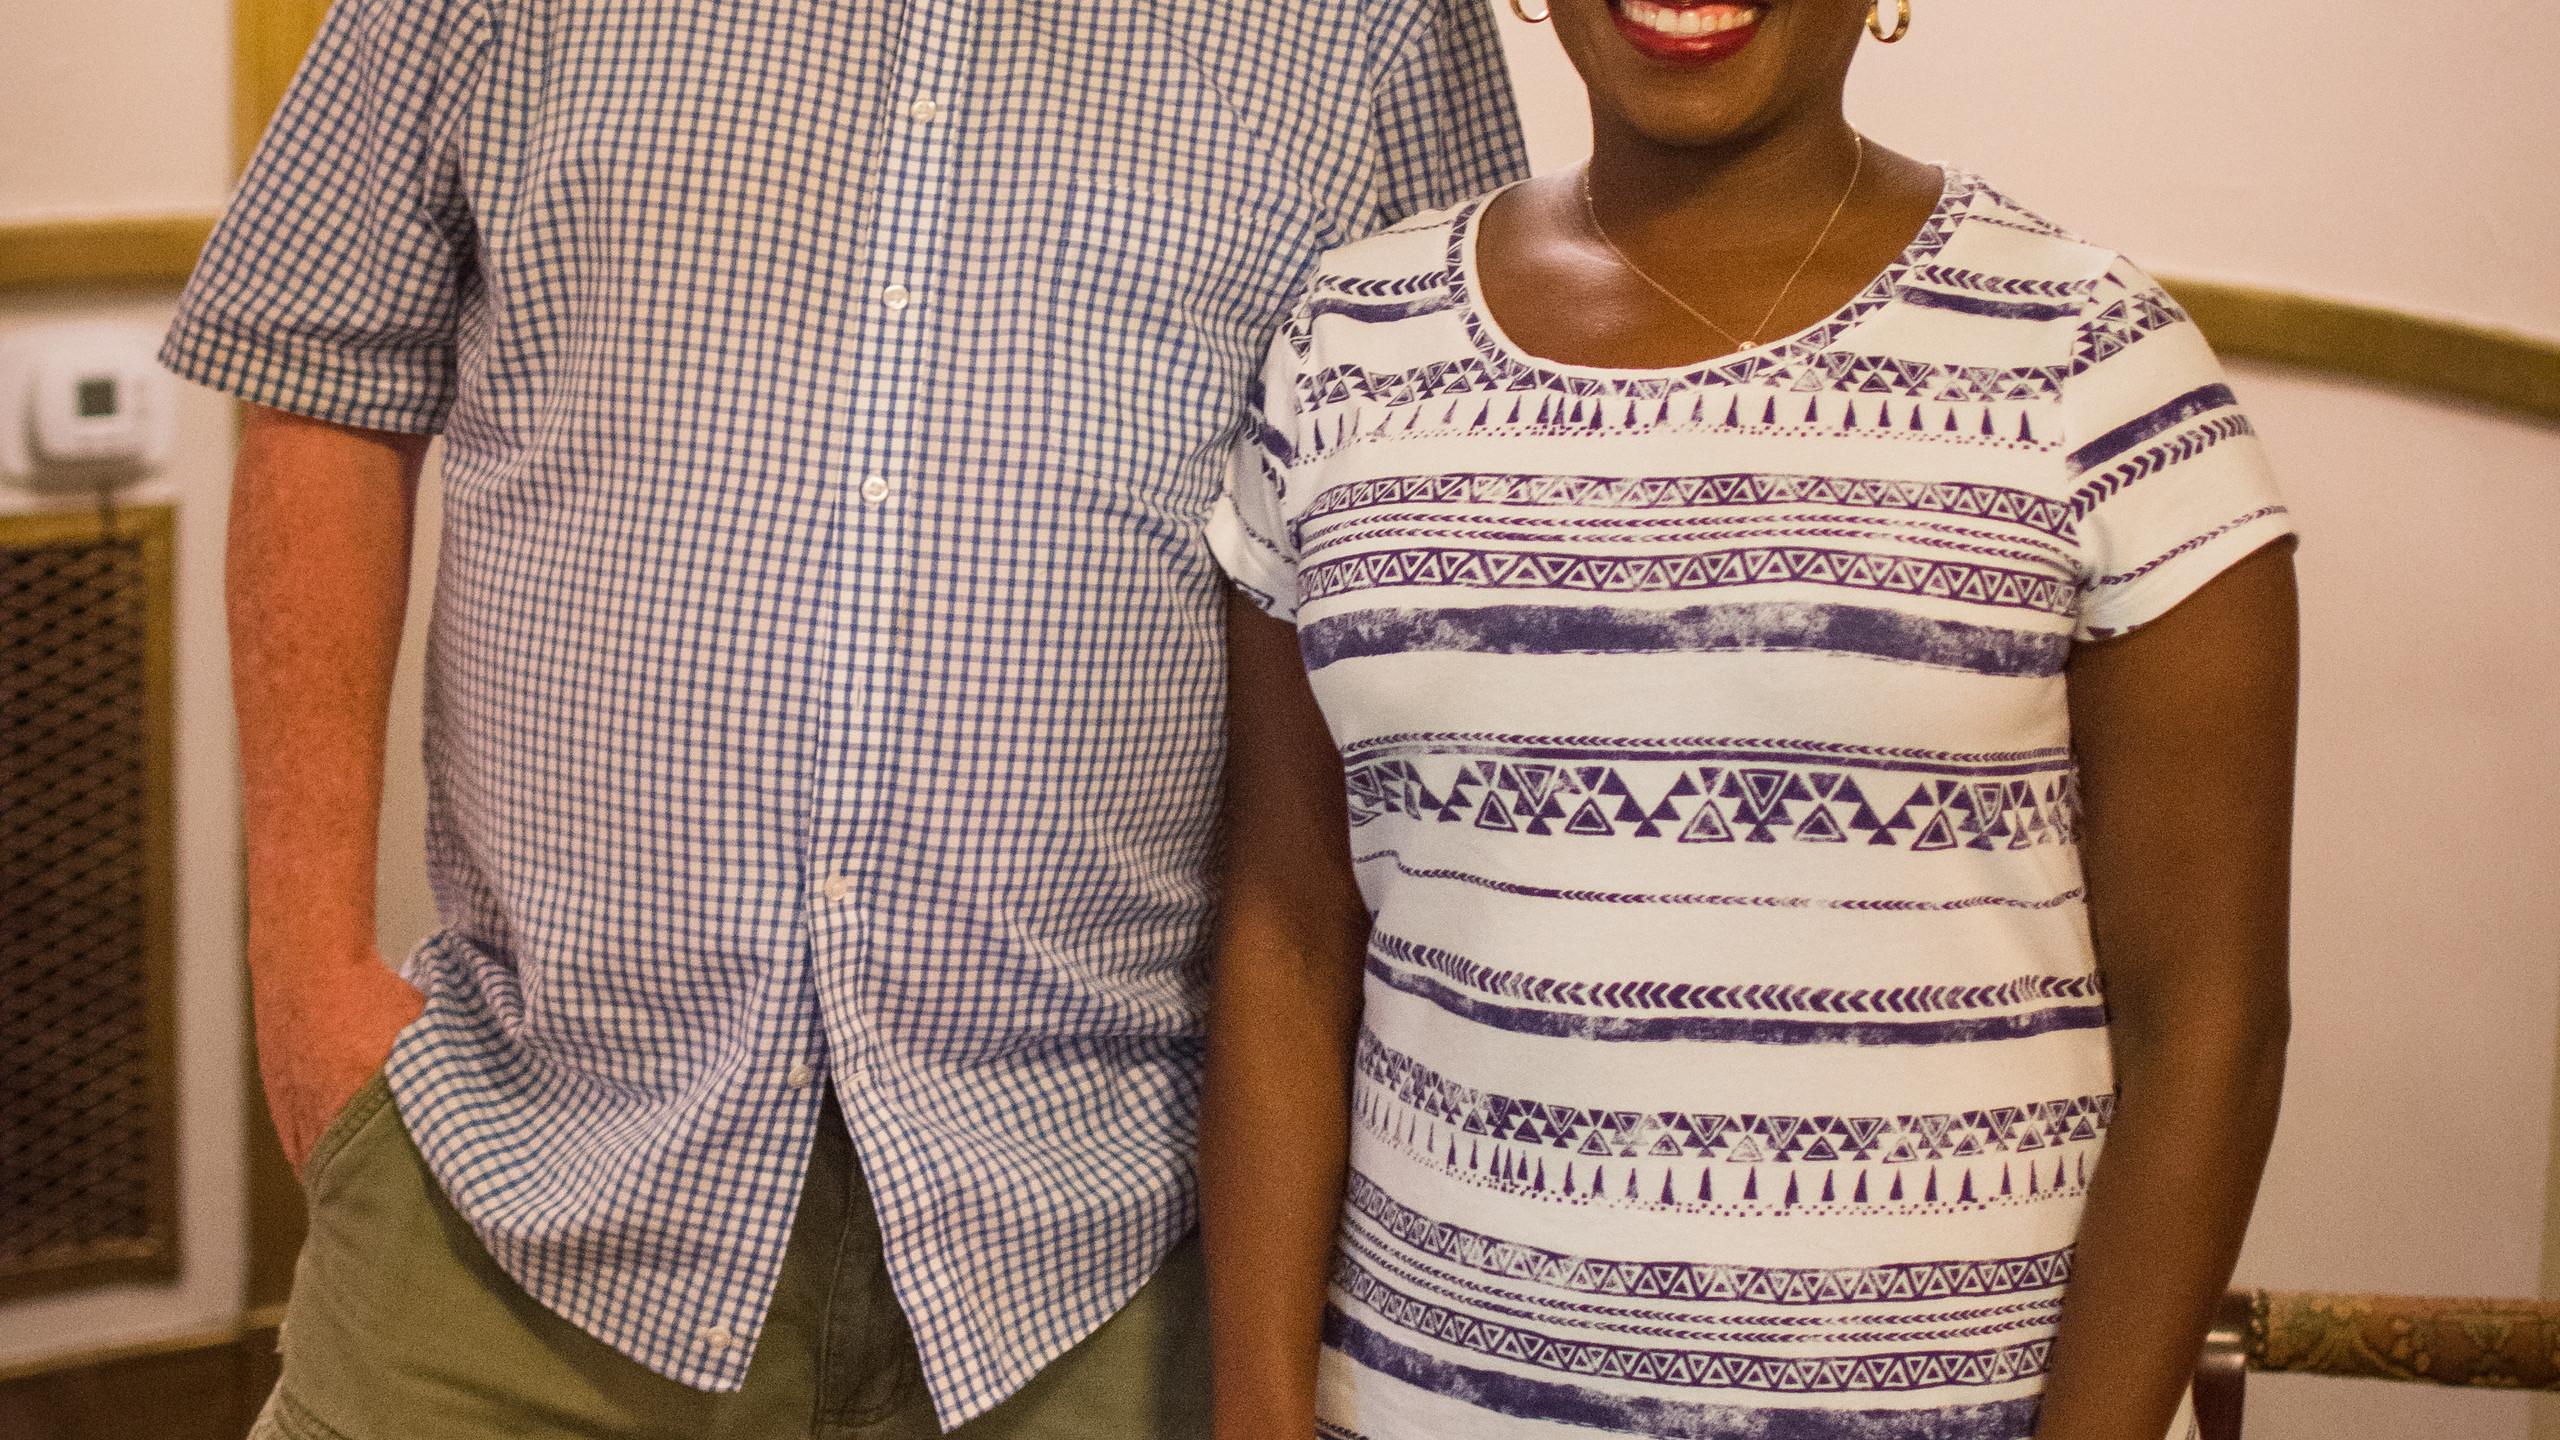 Tony Centonze and Kimberly Wiggins